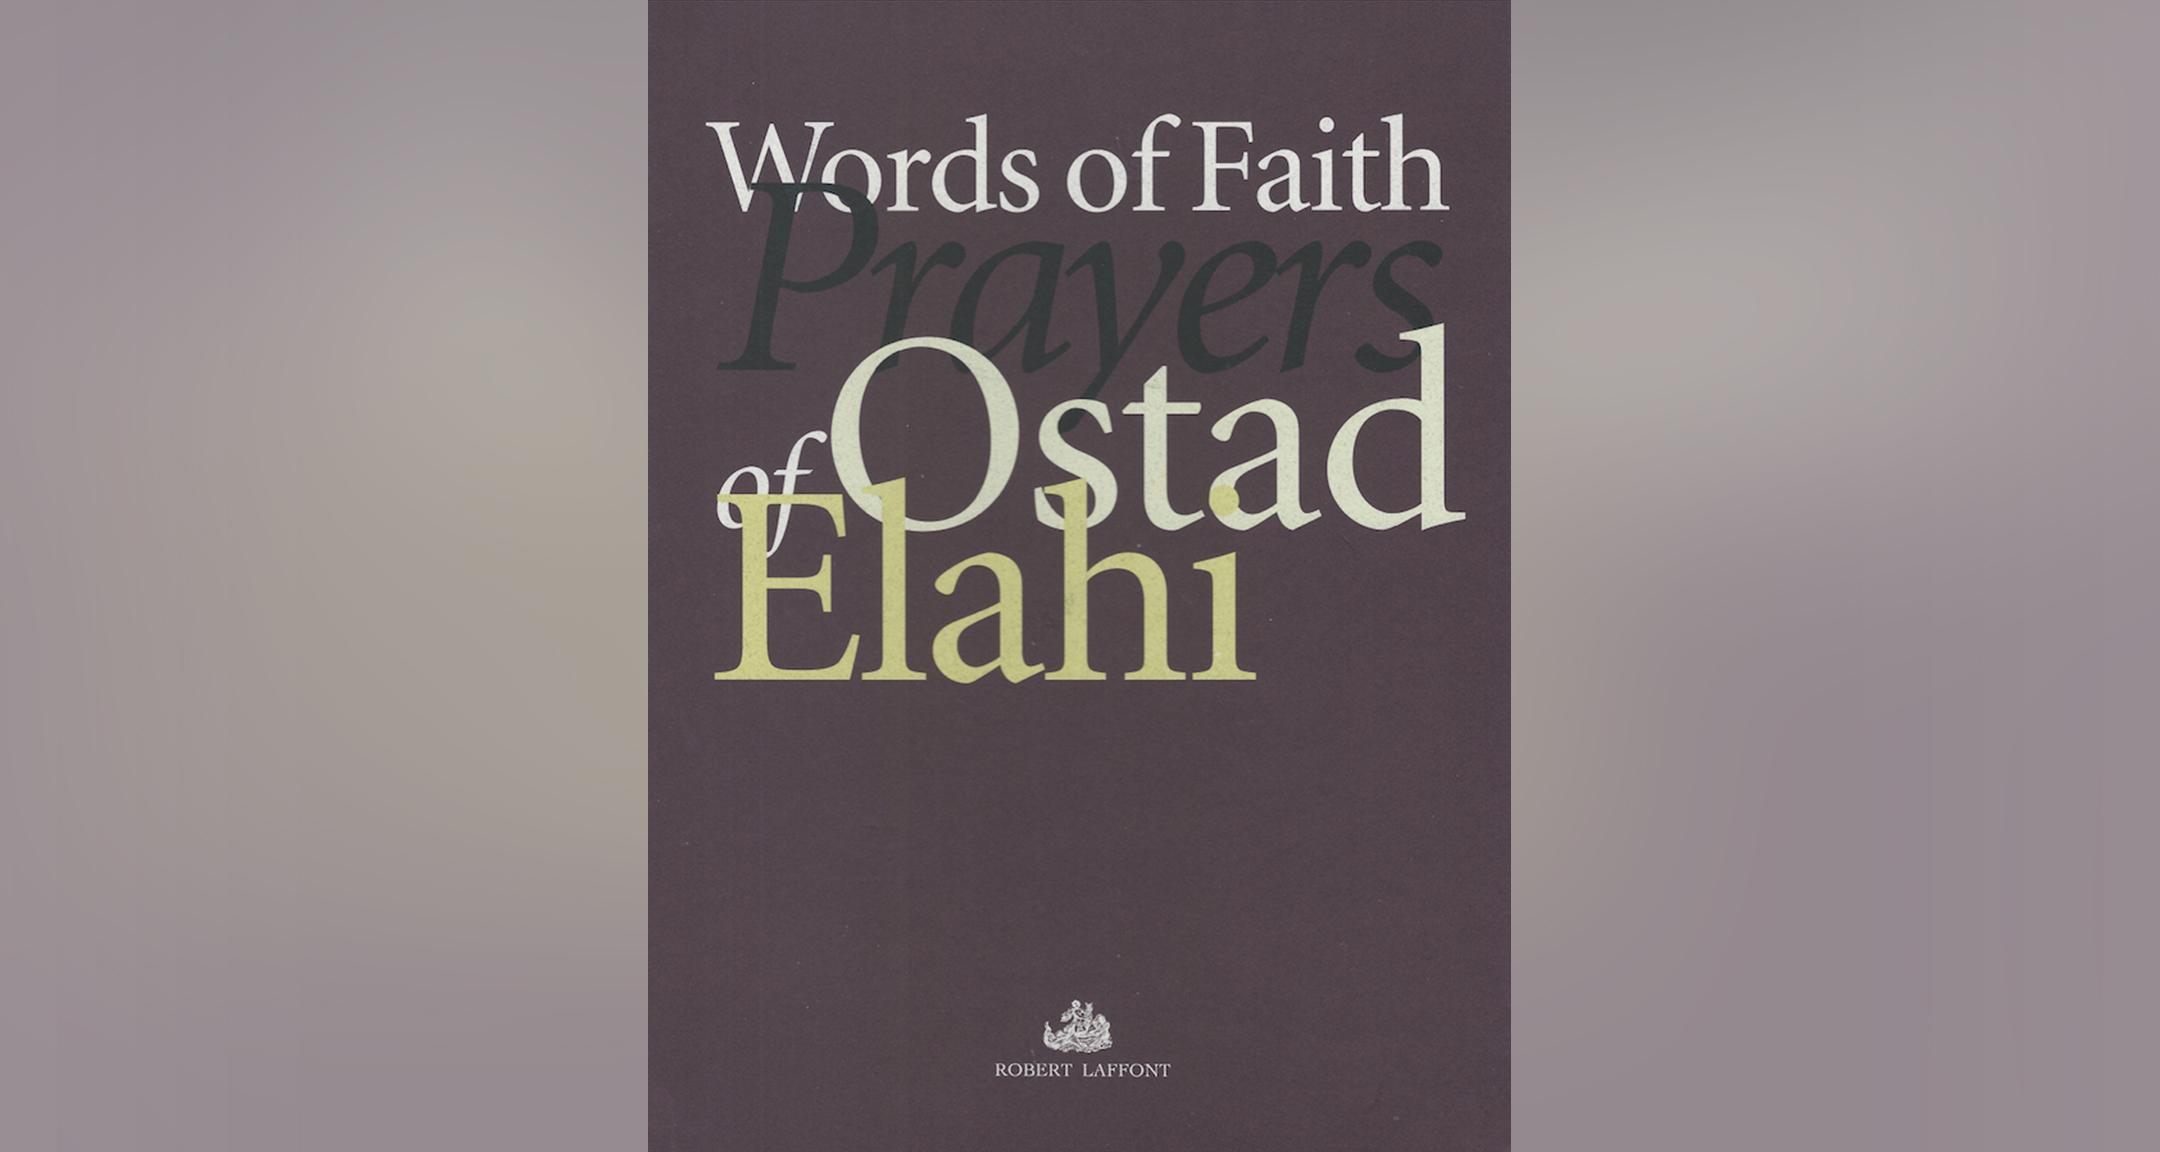 Words of Faith, Prayers of Ostad Elahi